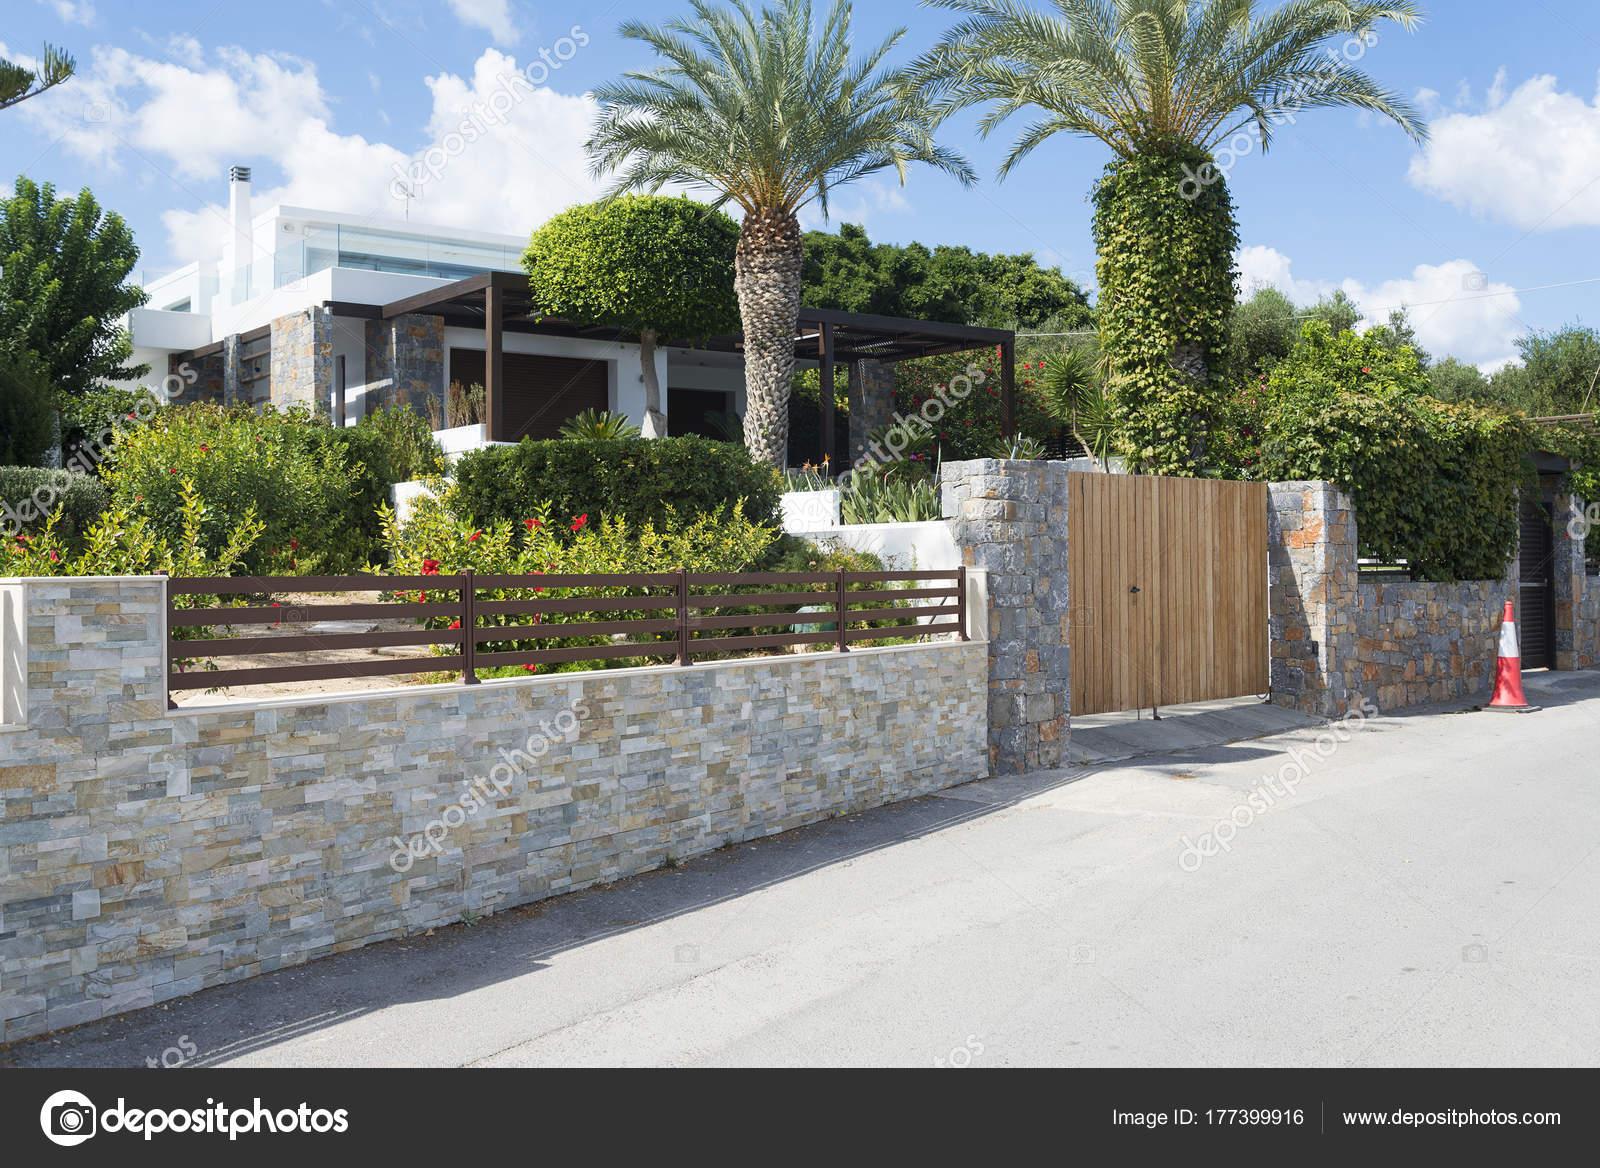 Maison de campagne moderne avec clôture Pierre — Photographie ...